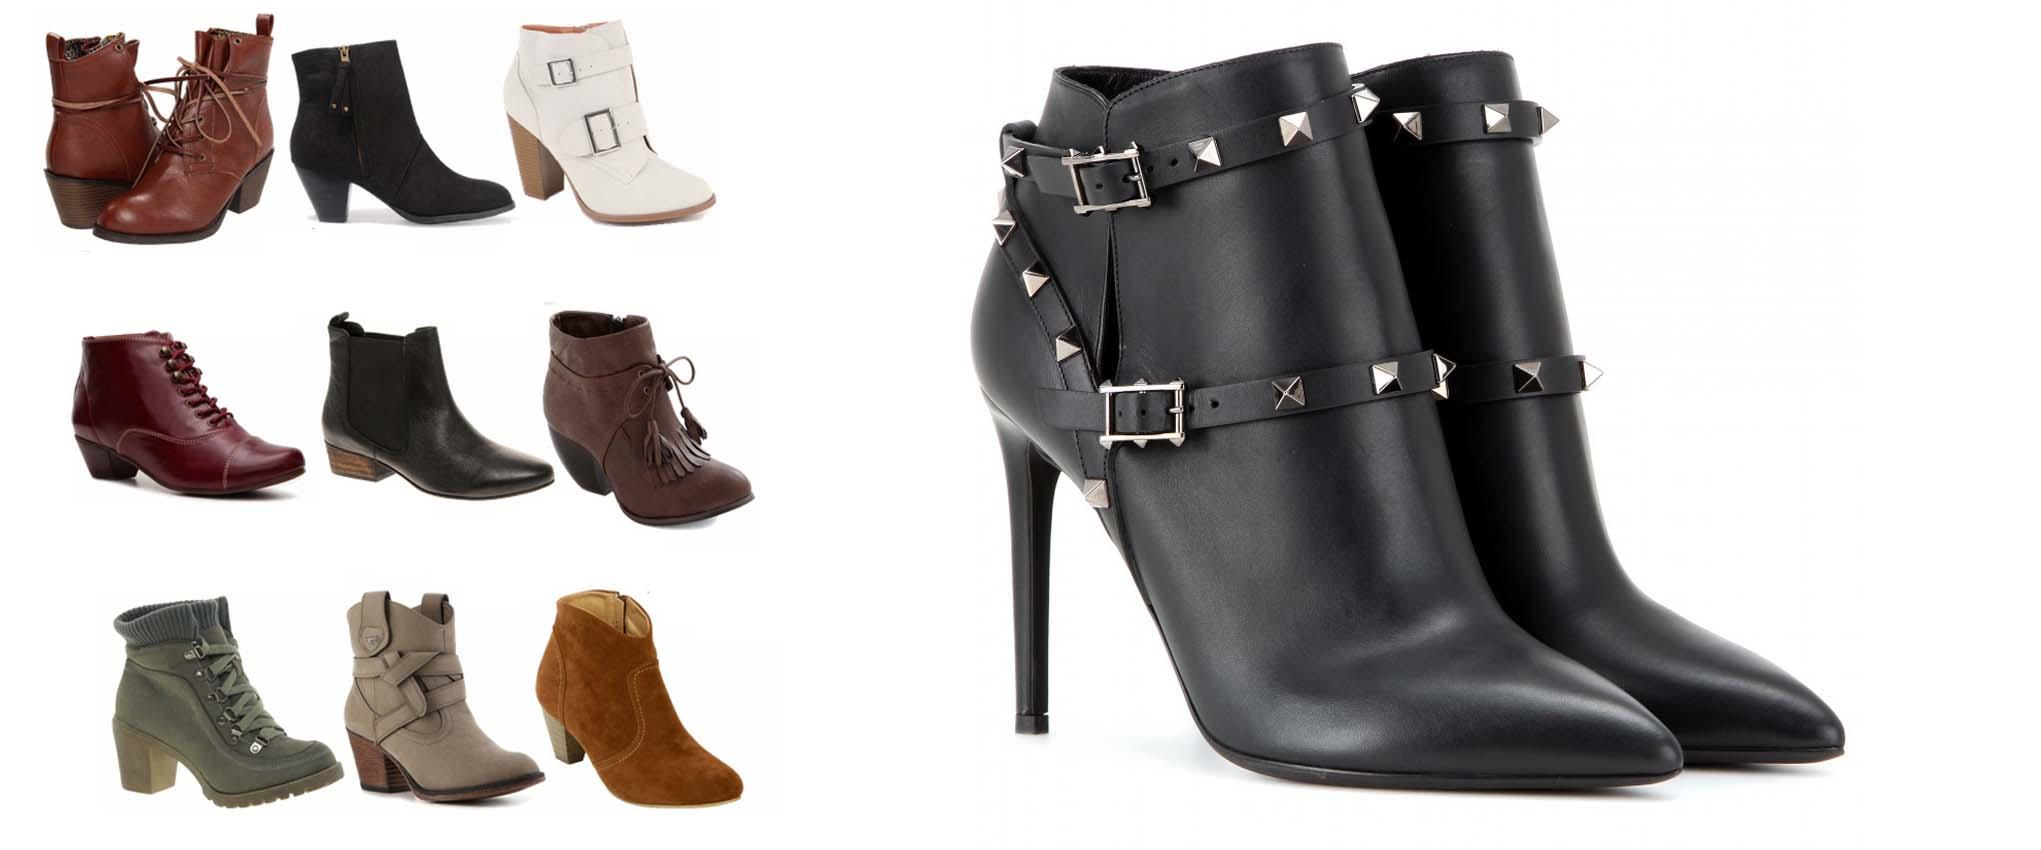 زمستان و مدلهای جدید کفشهای زنانه